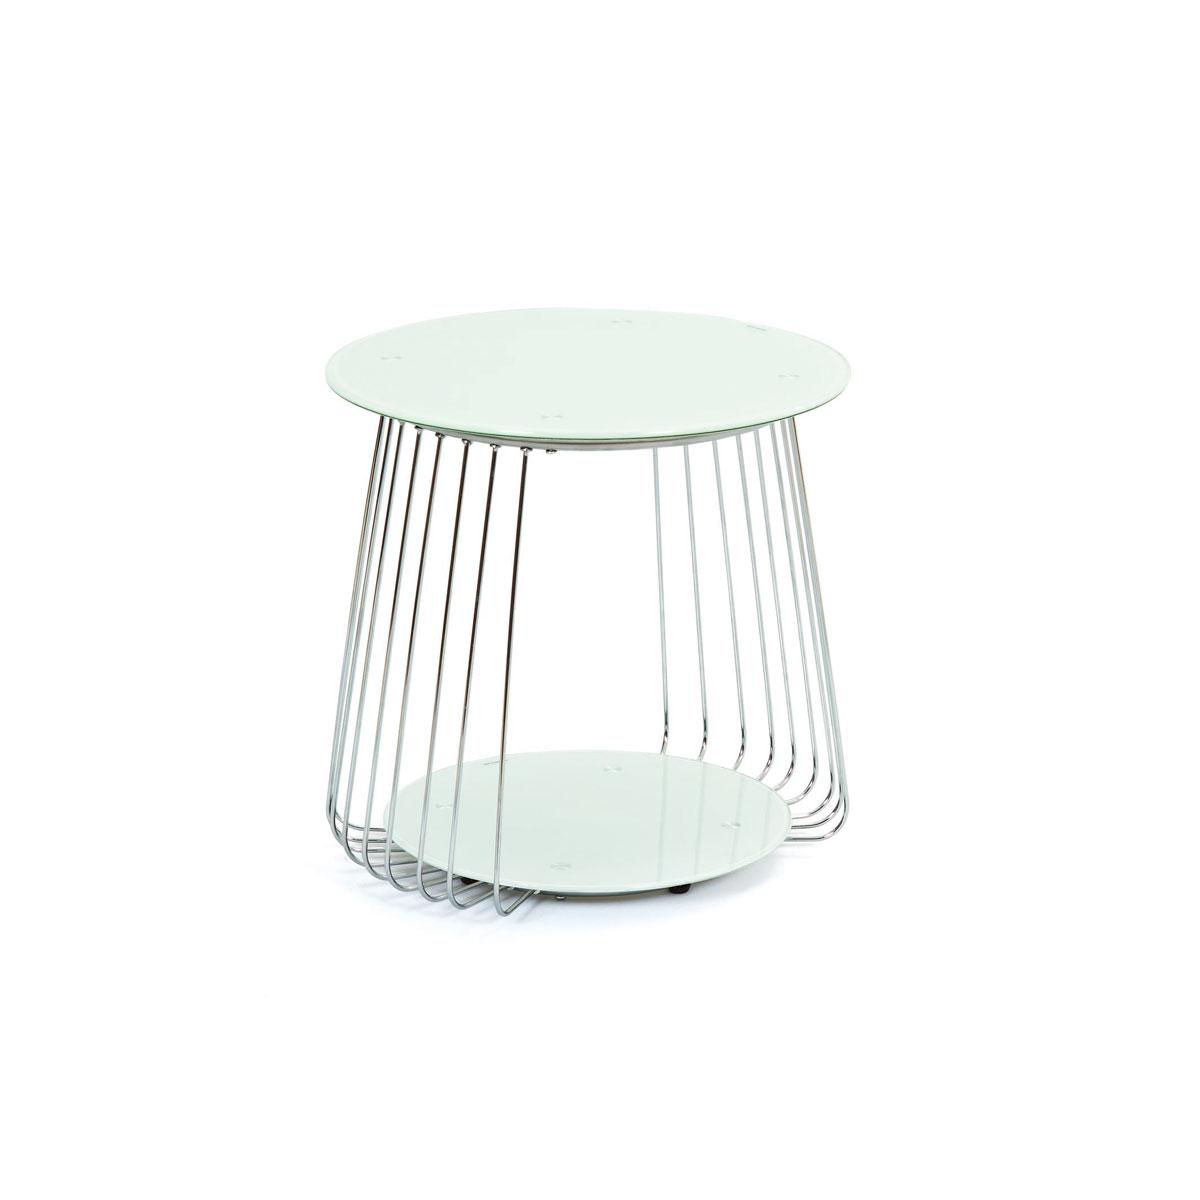 Tischplatte oval Glasplatte 100x60 cm schwarz Glasscheibe Glastisch